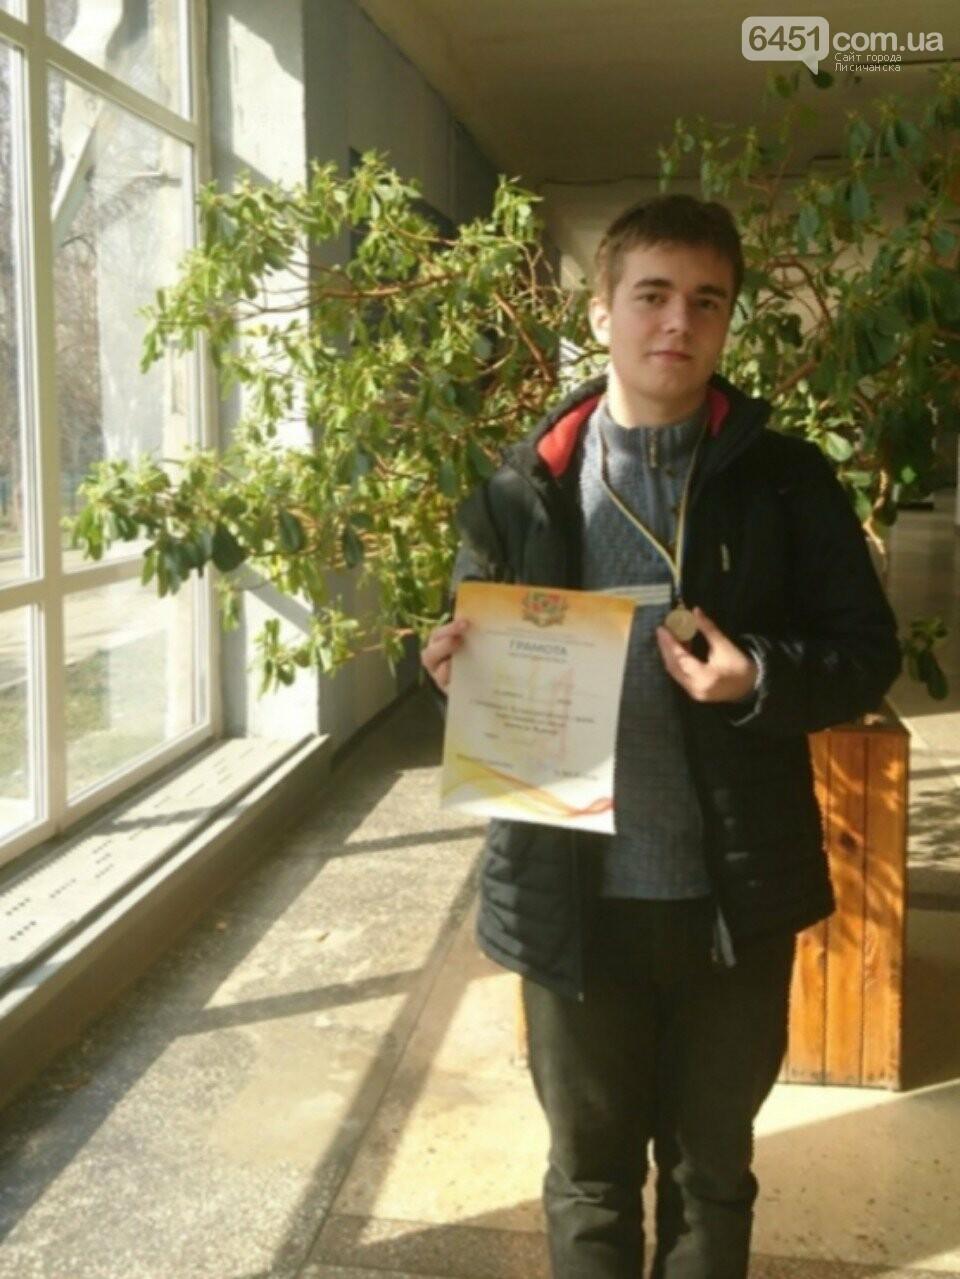 Лисичанин Артем Супрунов - серебряный призер чемпионата Луганской области по шахматам среди юношей и девушек, фото-1